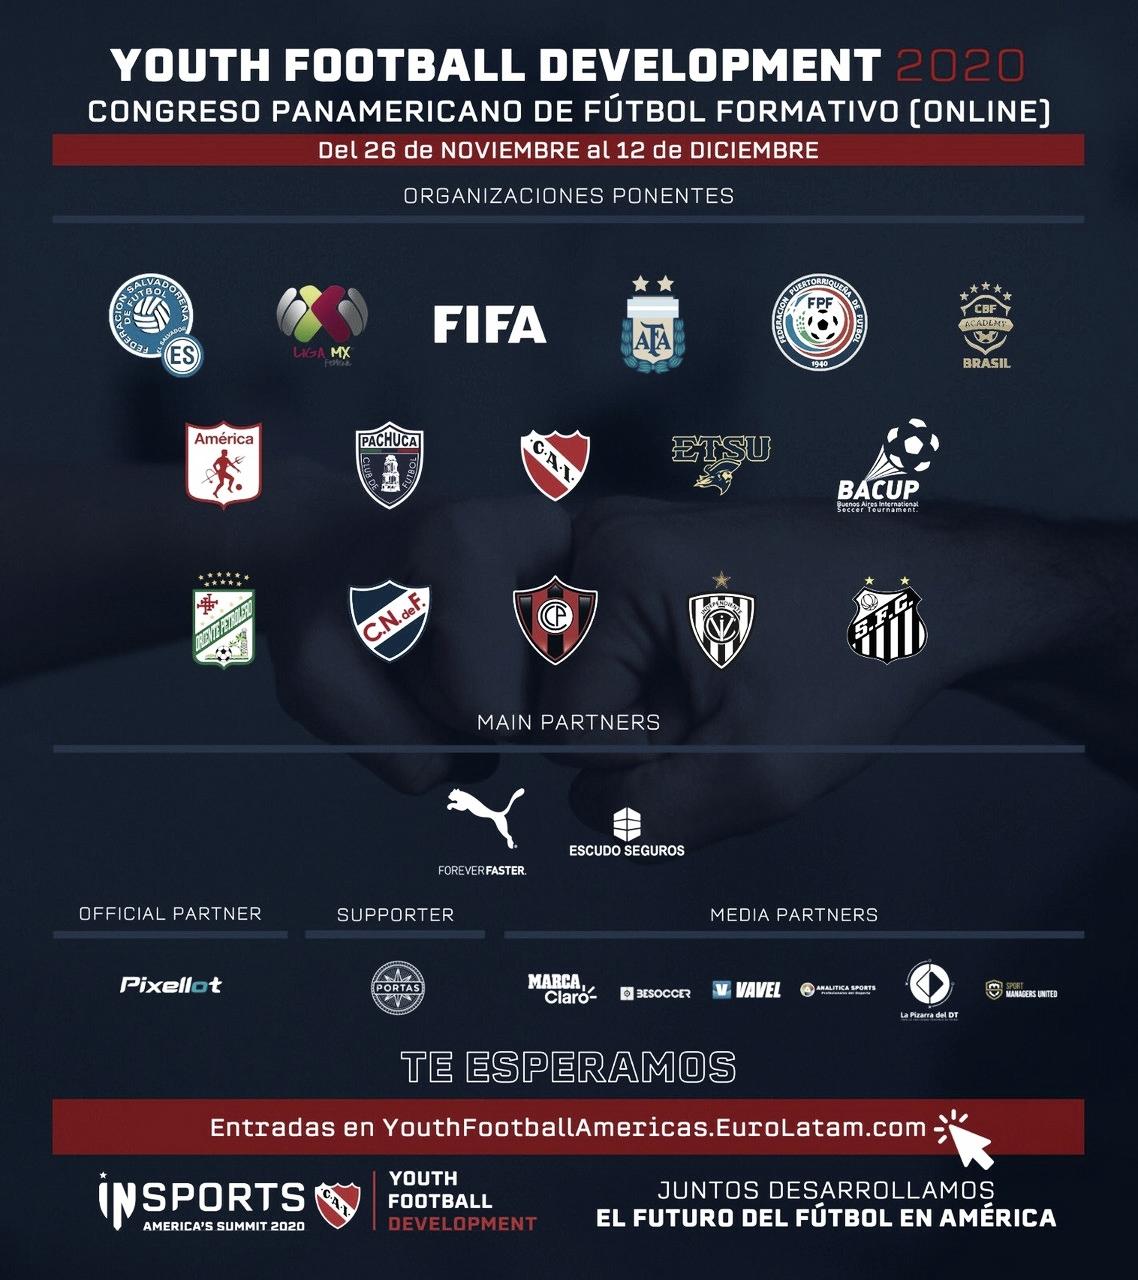 INsports EuroLatam e Independiente inauguraron el Primer Congreso de Fútbol Formativo Panamericano